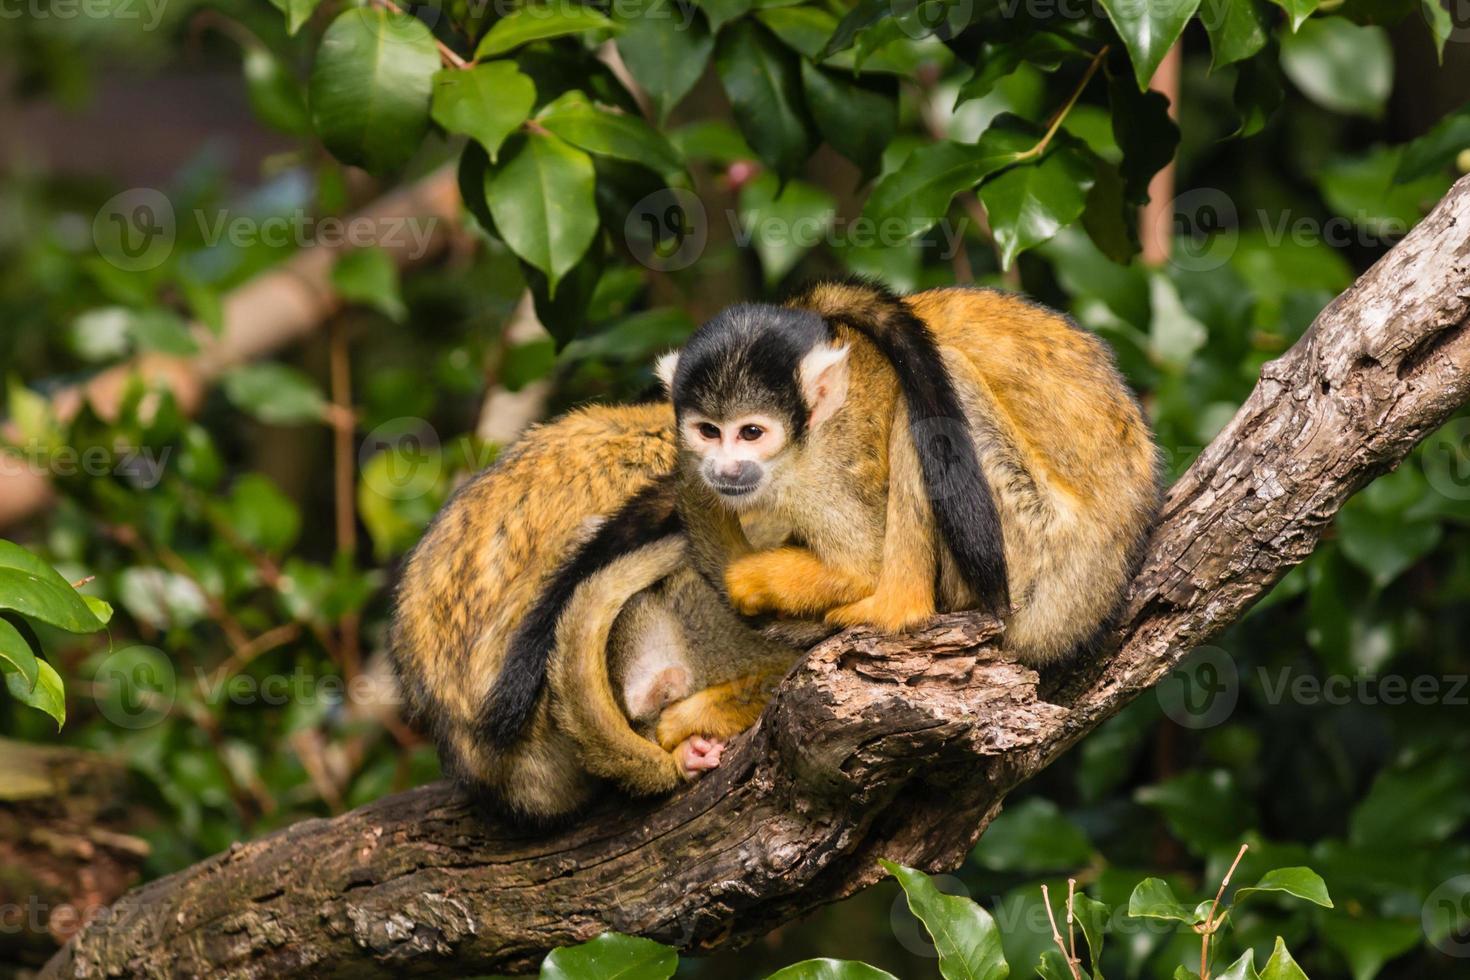 macacos esquilo descansando no galho de árvore foto